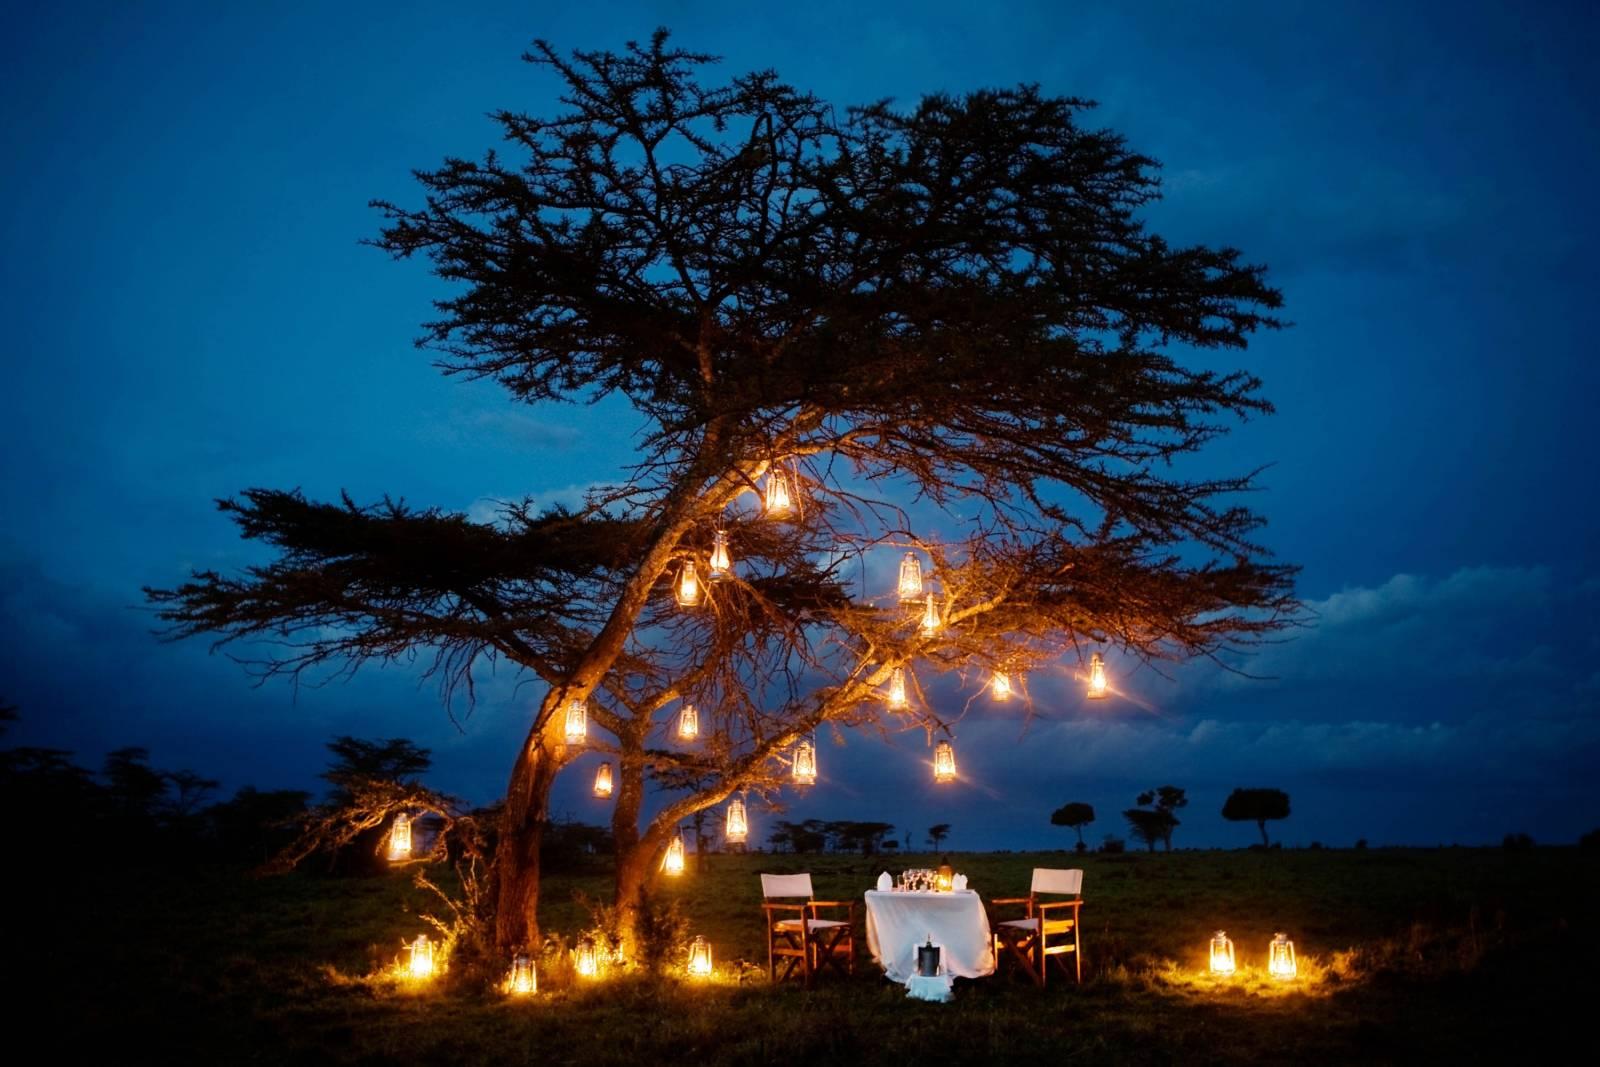 Amazing Destinations - Huwelijksreis - Honeymoon - House of Weddings - 1